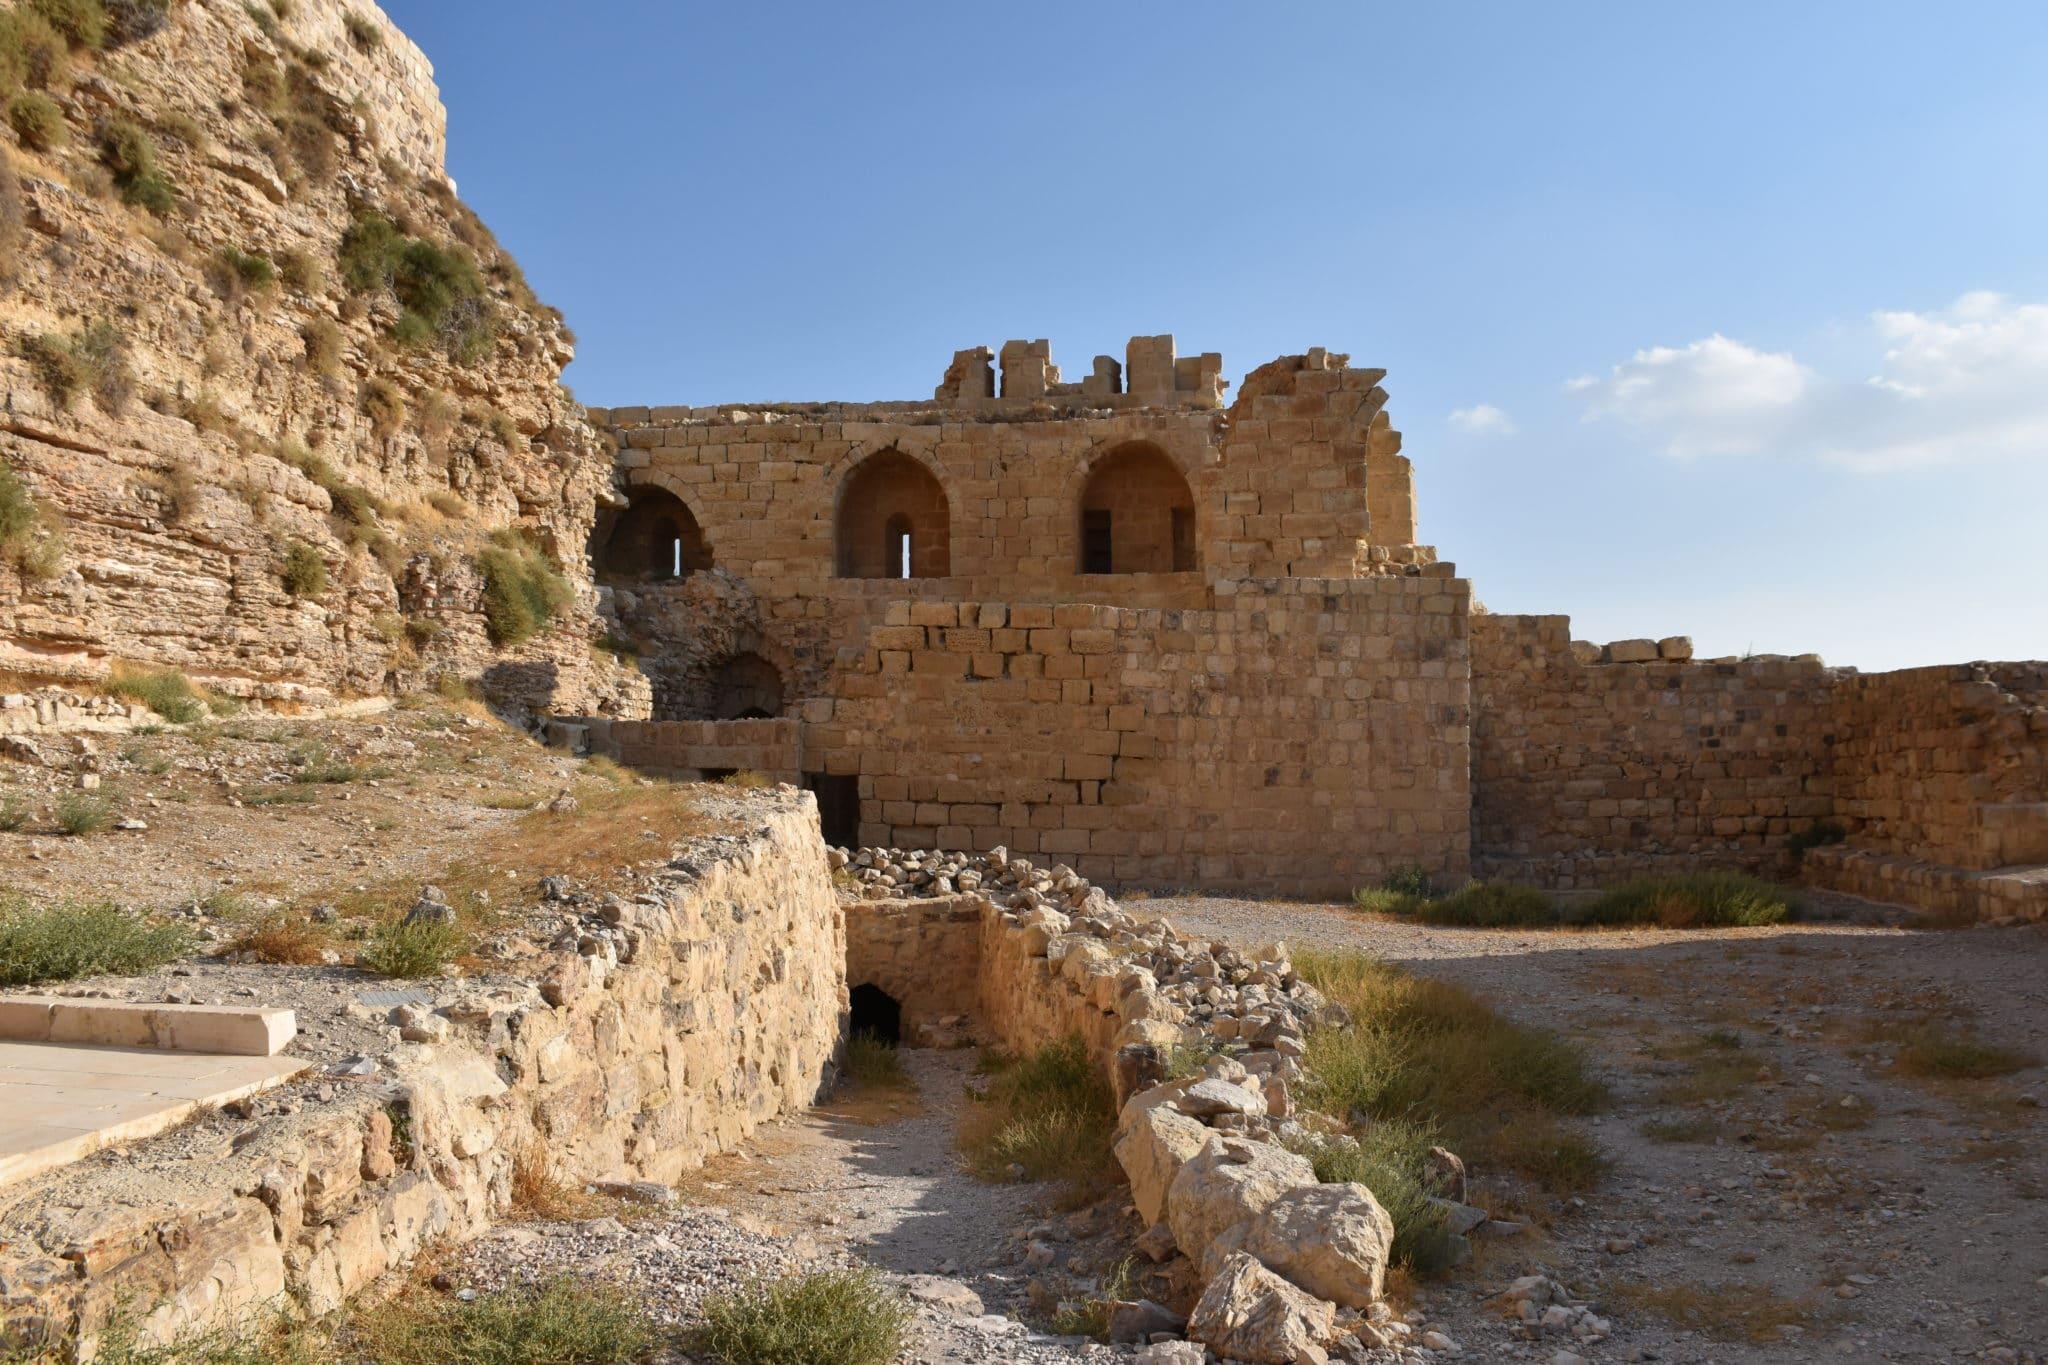 Jordanie - Voyages en archéo